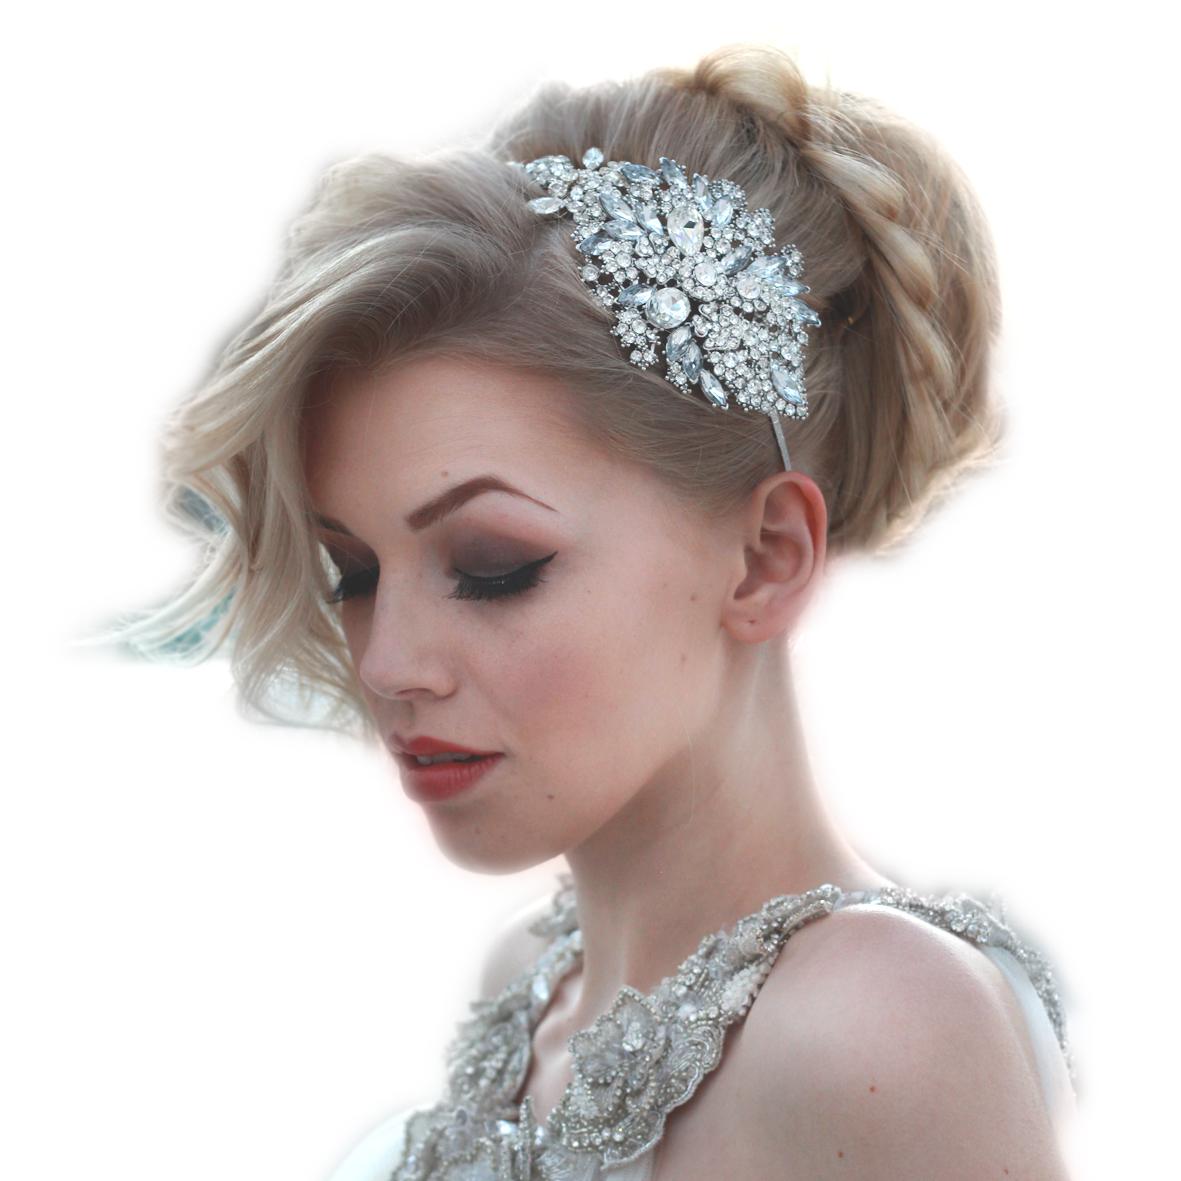 Lulu side headpiece – Rocks for Frocks